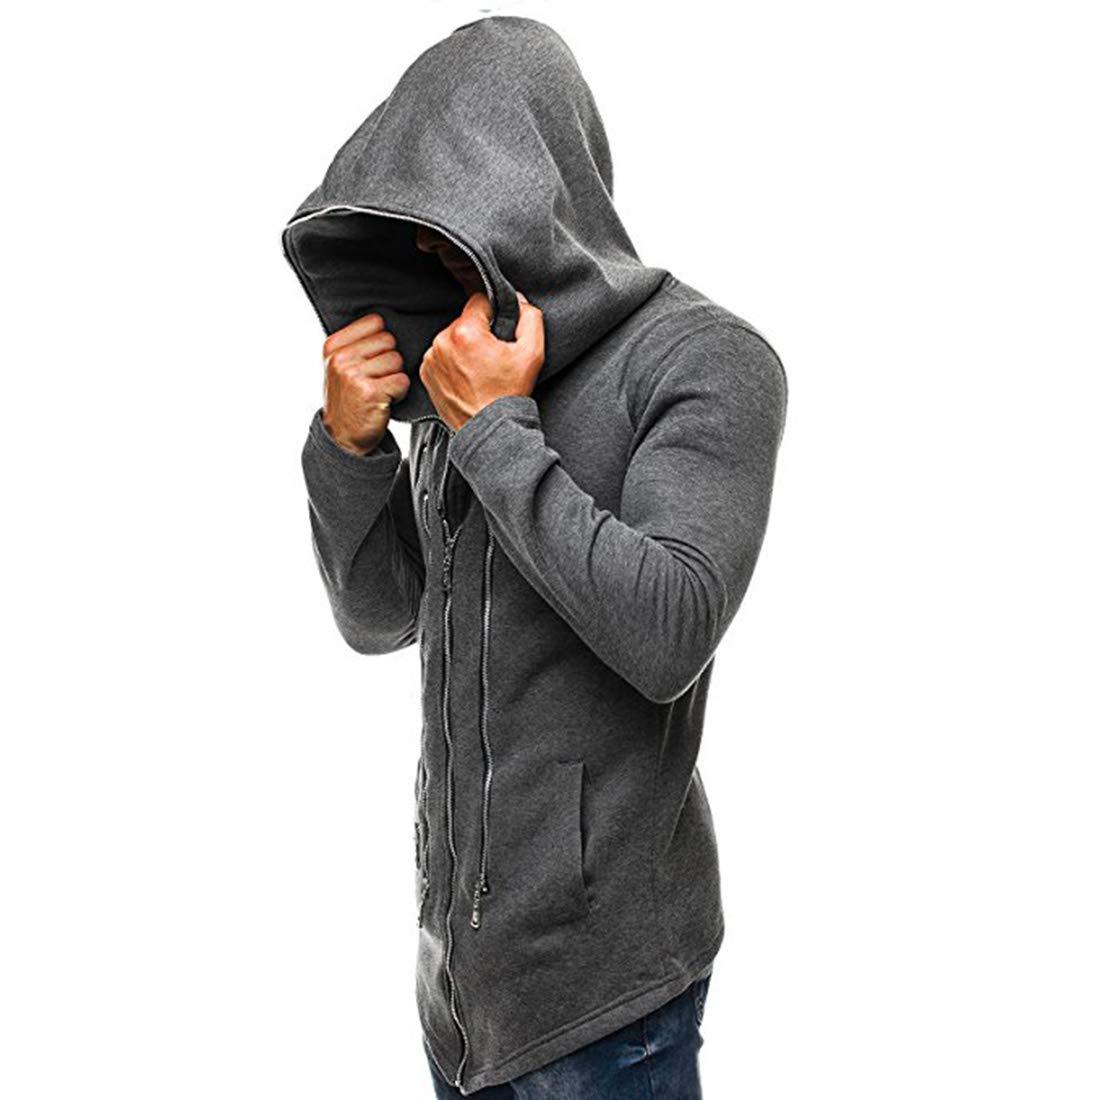 Sudadera con Capucha para Hombre, suéter Capa Oscura Traje ...